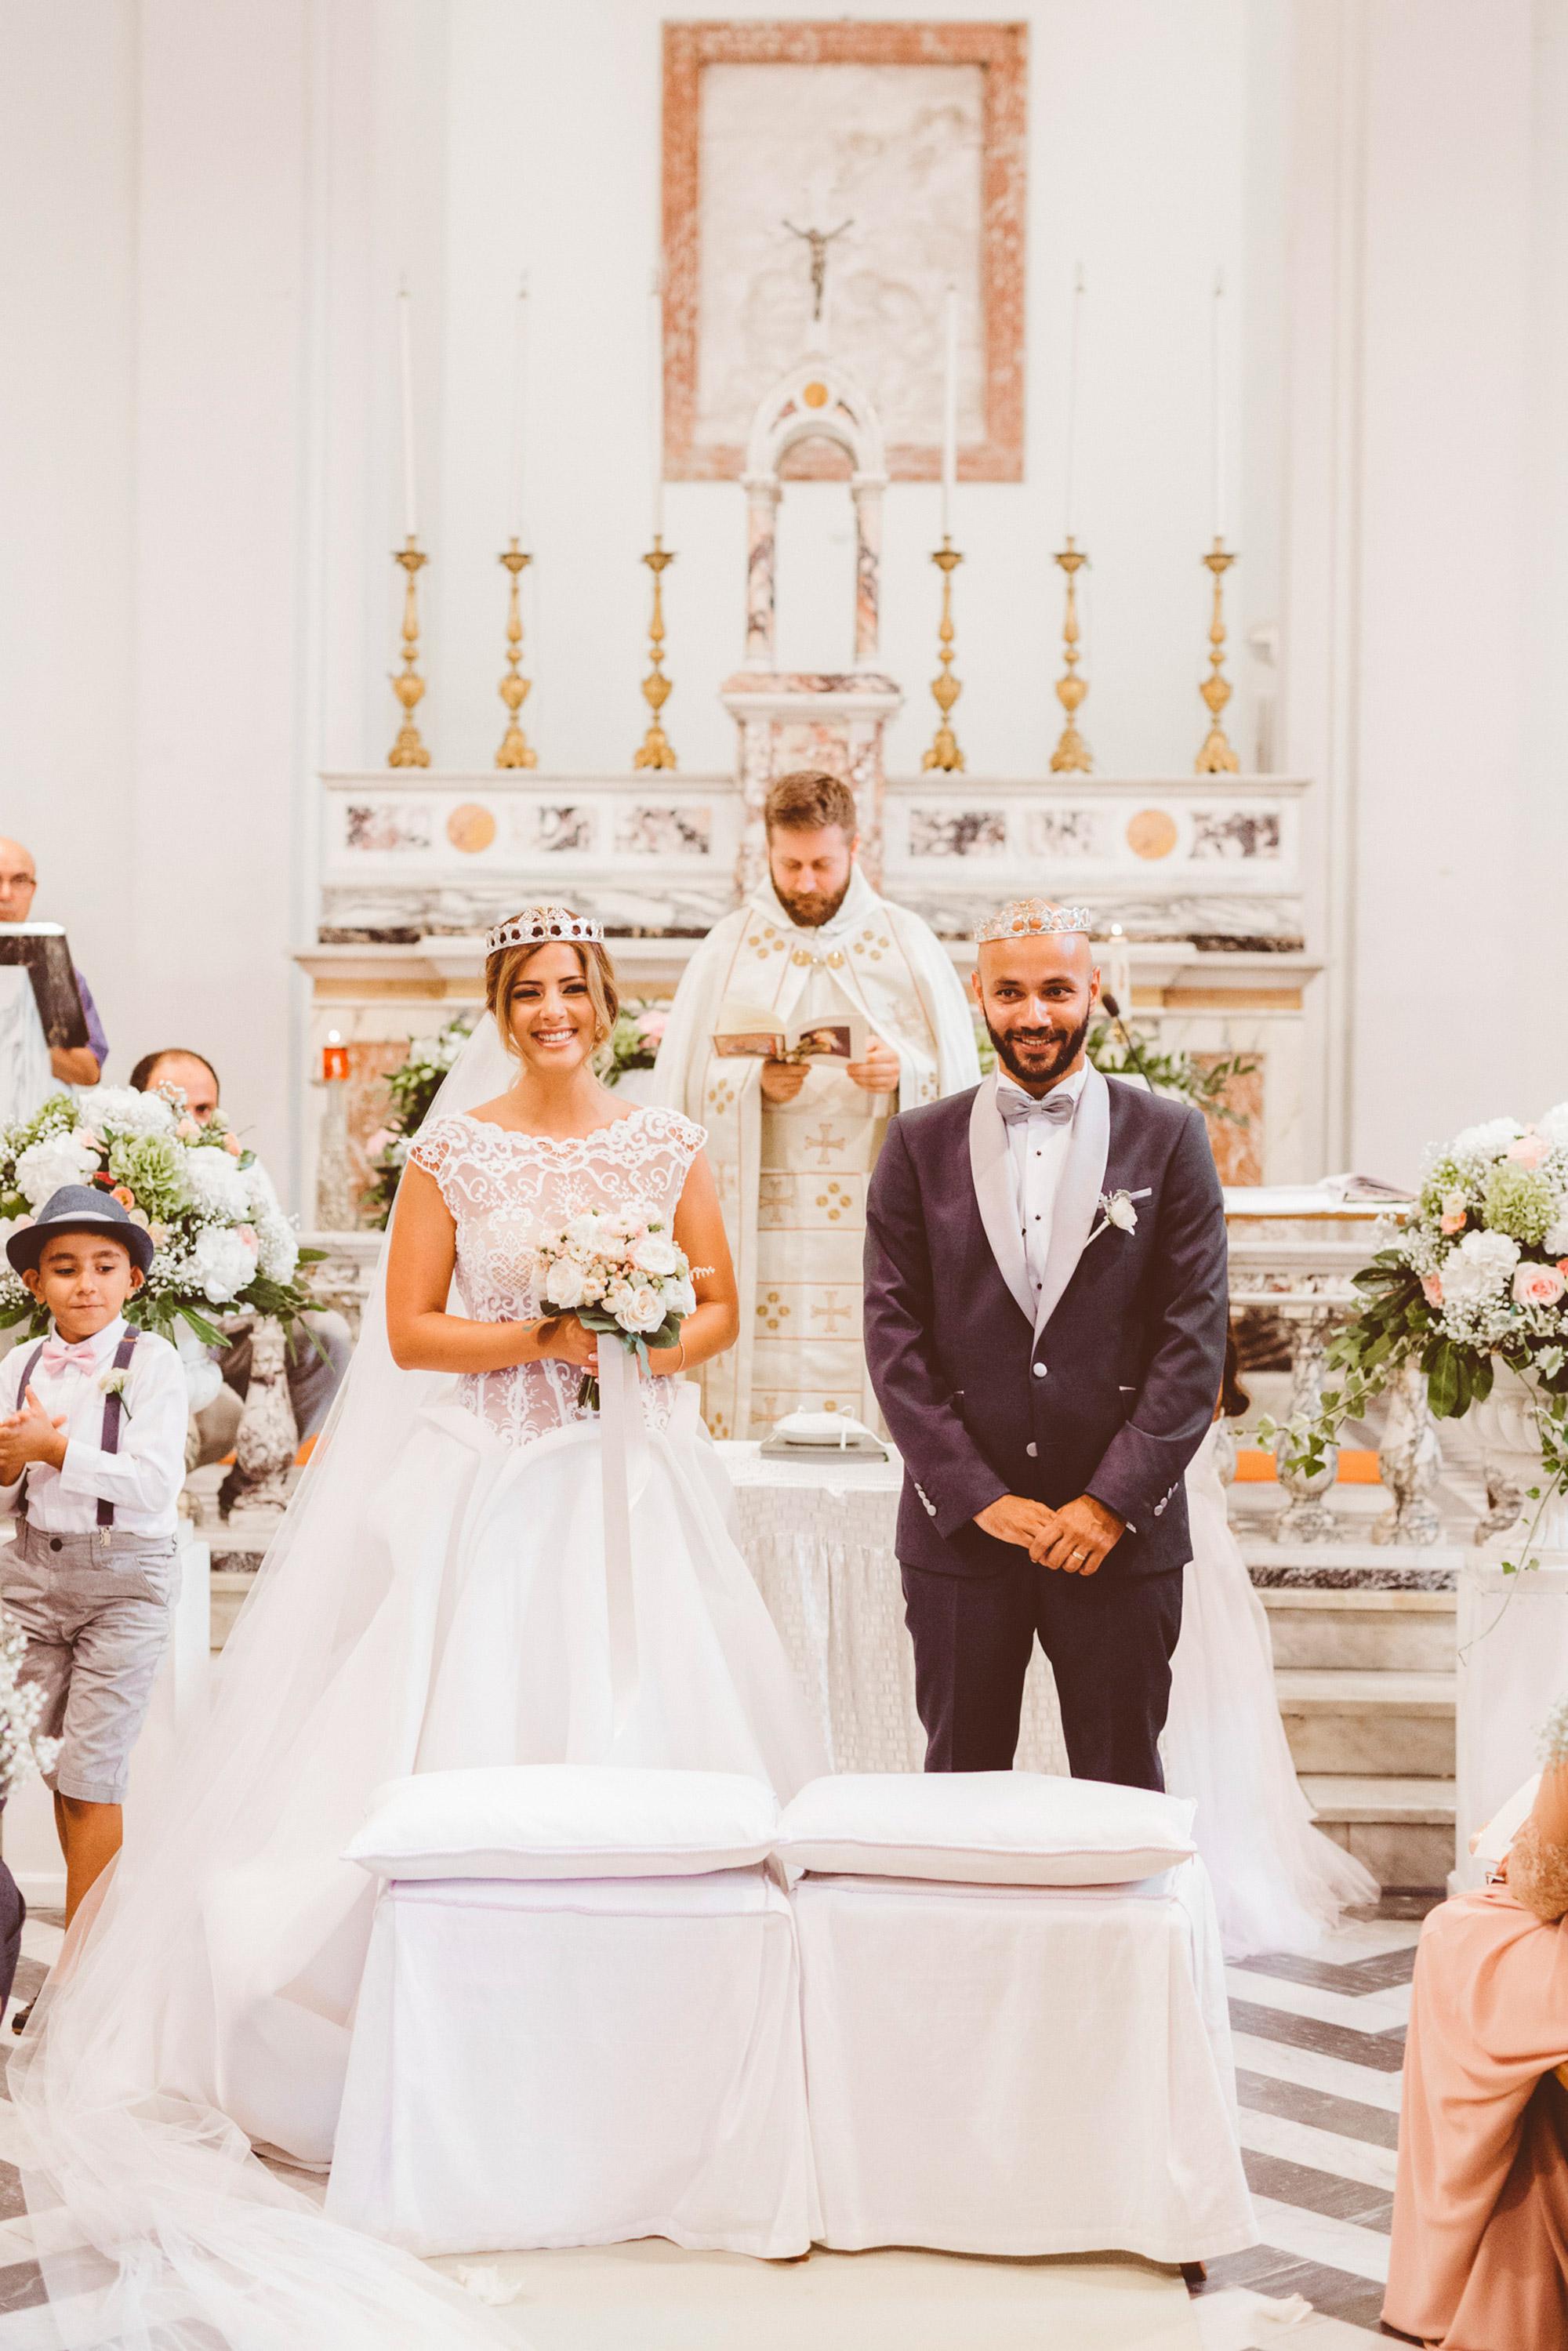 049-santamarinella-wedding-castello-odescalchi.jpg